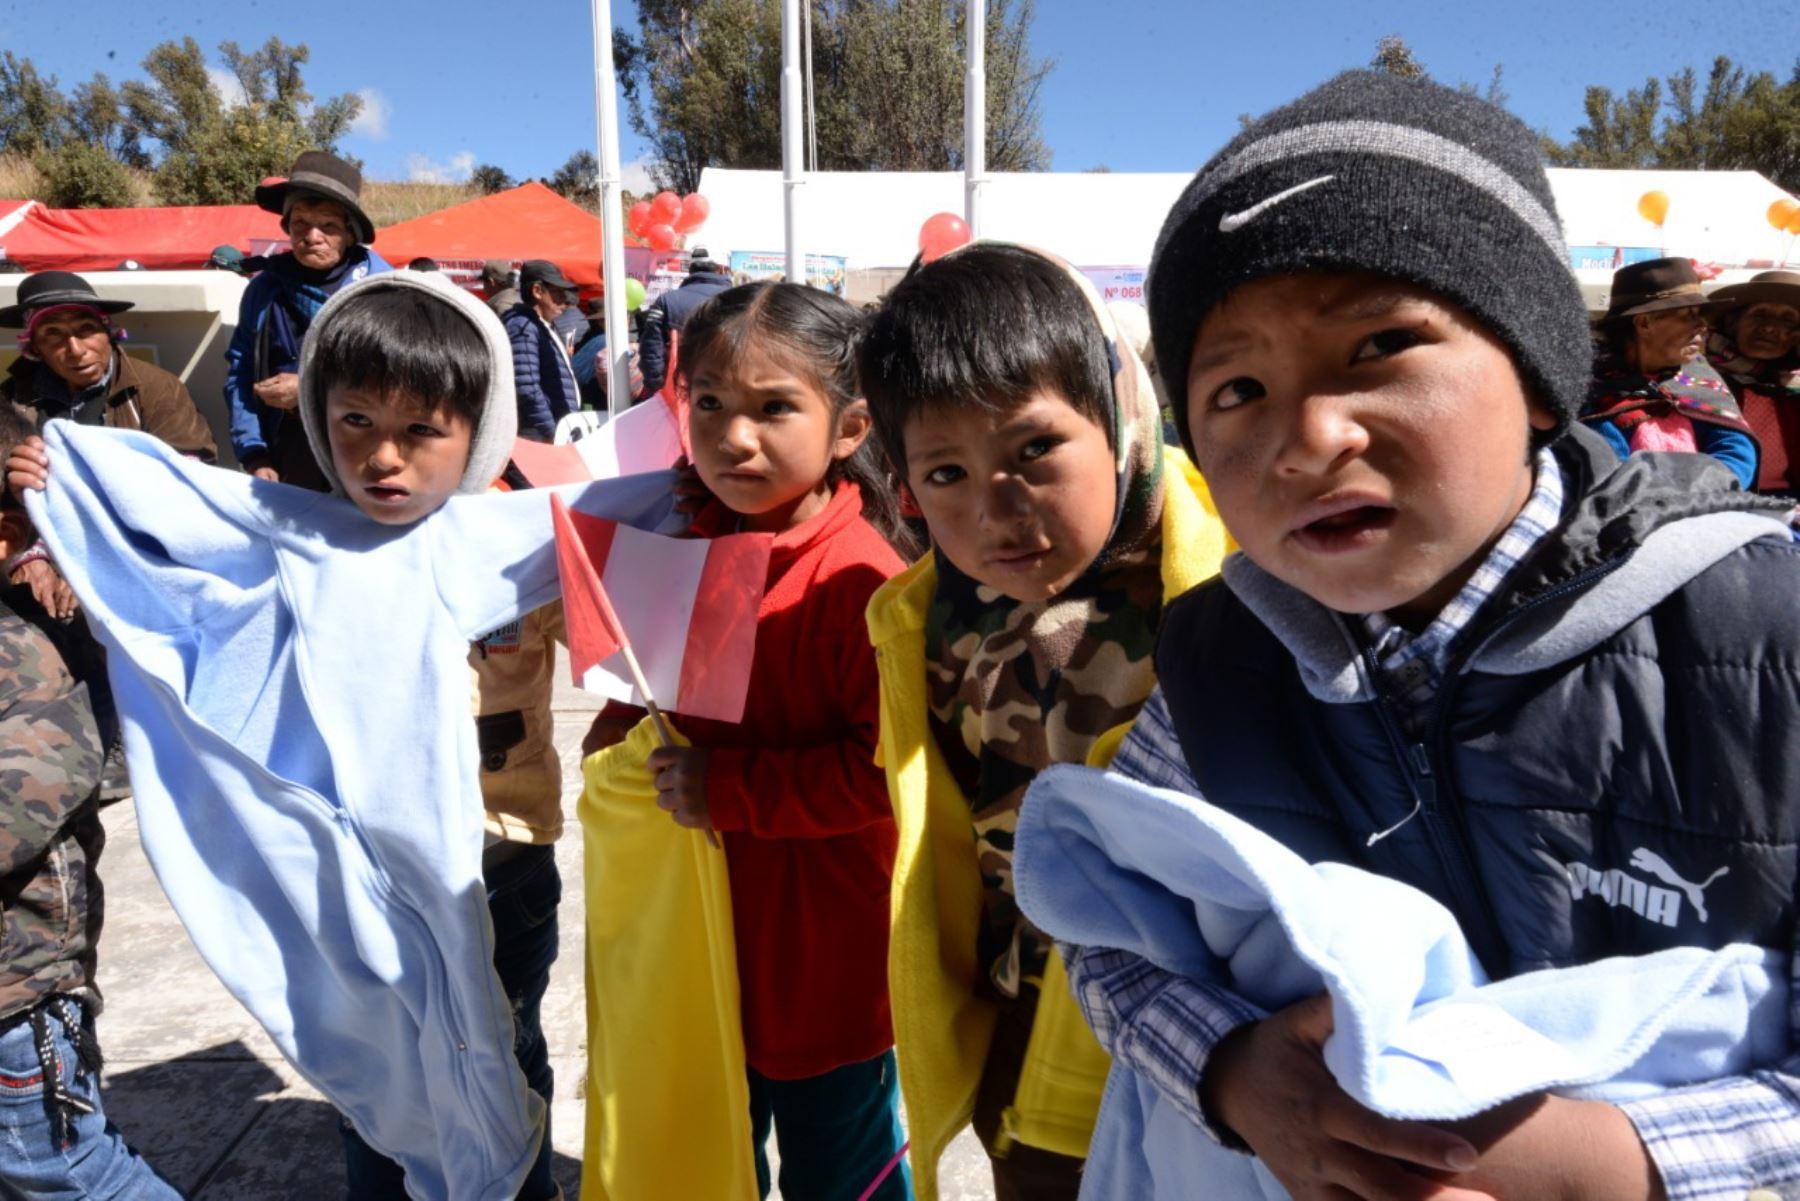 Ministerio de la Mujer y Poblaciones Vulnerables distribuye más de 97,000 kits de abrigo para niños de zonas afectadas por heladas. ANDINA/Difusión